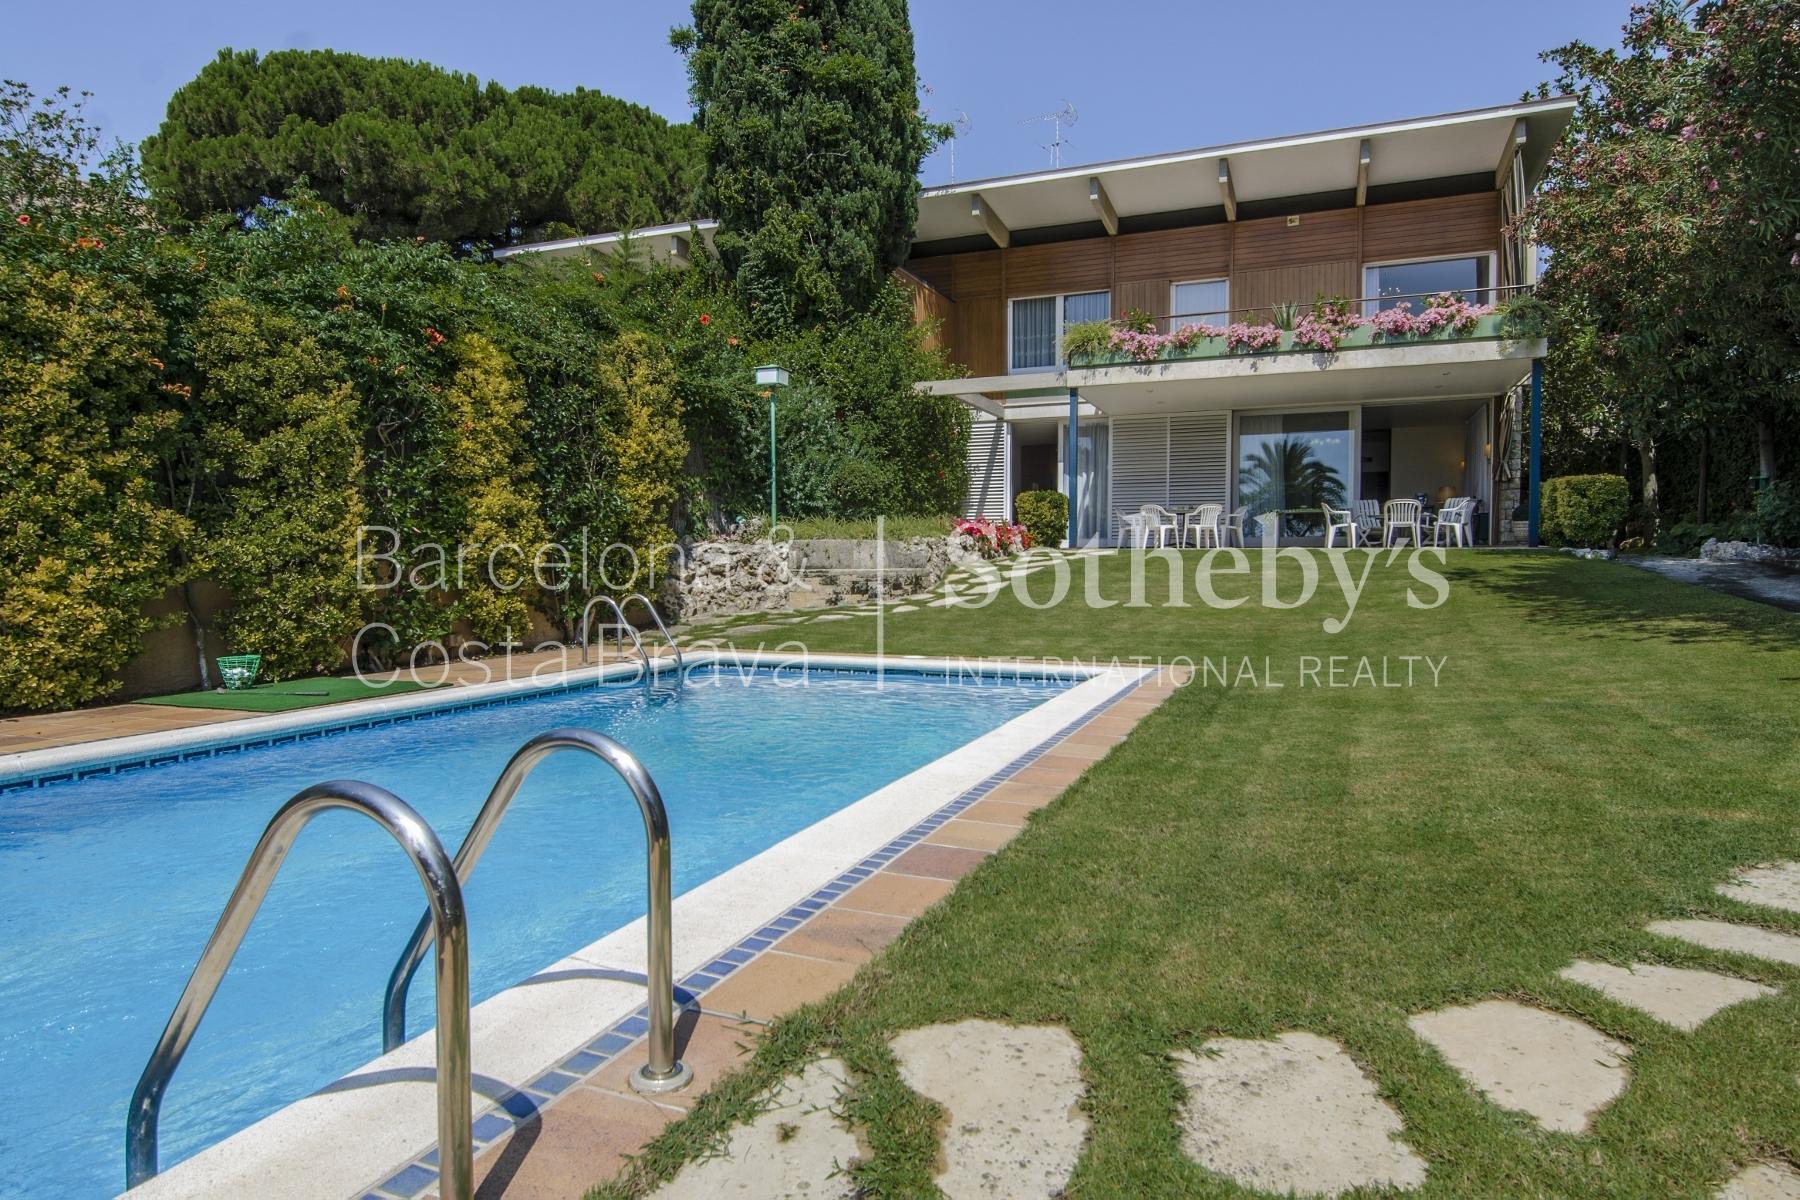 Moradia para Venda às Exclusive Seafront House for Sale in Caldes d'Estrac Sant Andreu De Llavaneres, Barcelona 08392 Espanha